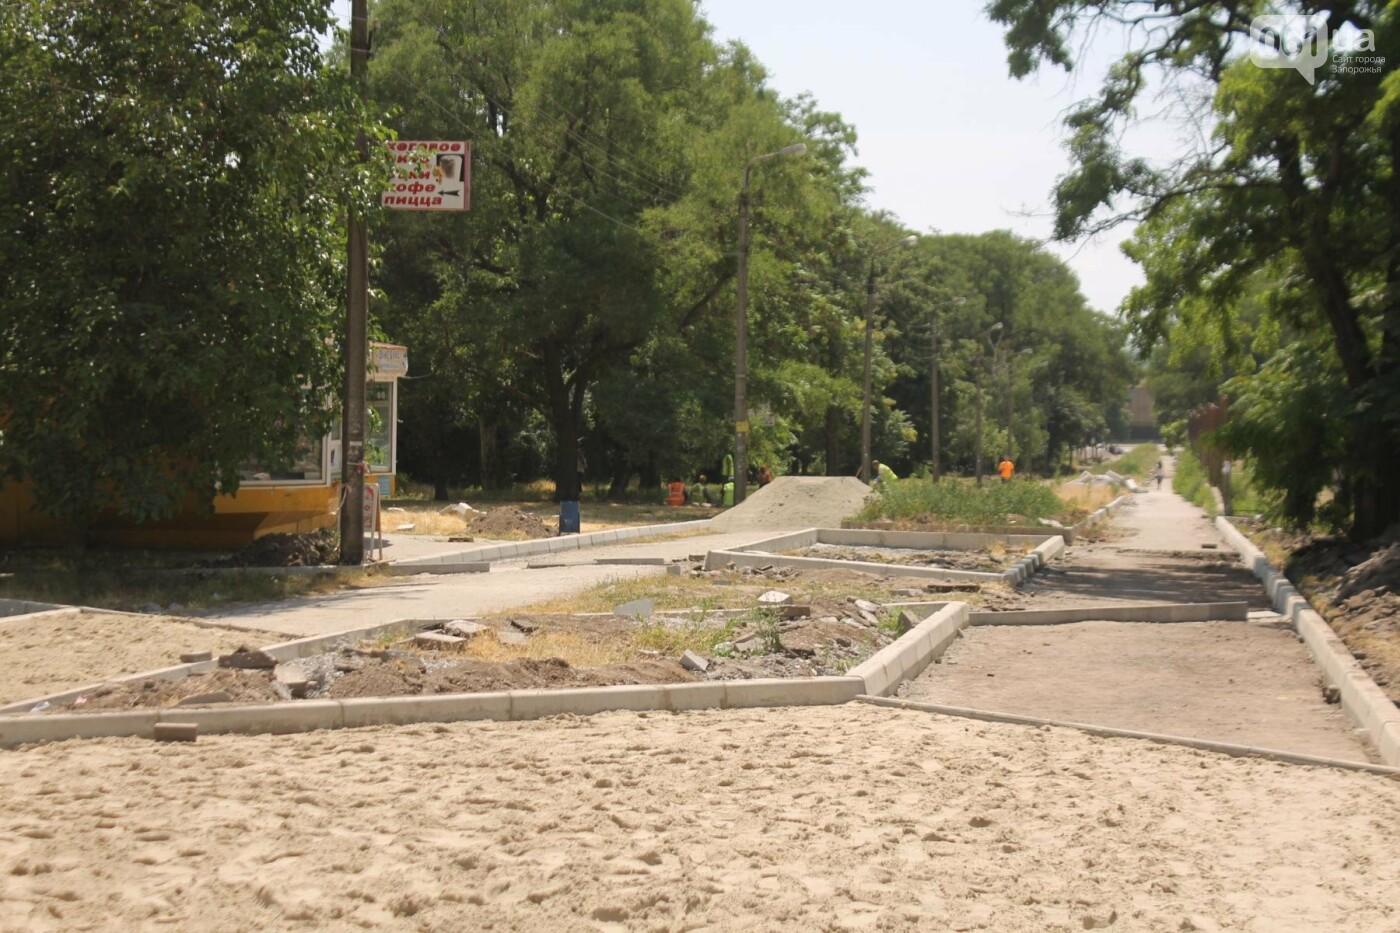 На Якова Новицкого в Запорожье возобновили реконструкцию пешеходной аллеи: обещают закончить до конца лета, – ФОТОРЕПОРТАЖ, фото-6